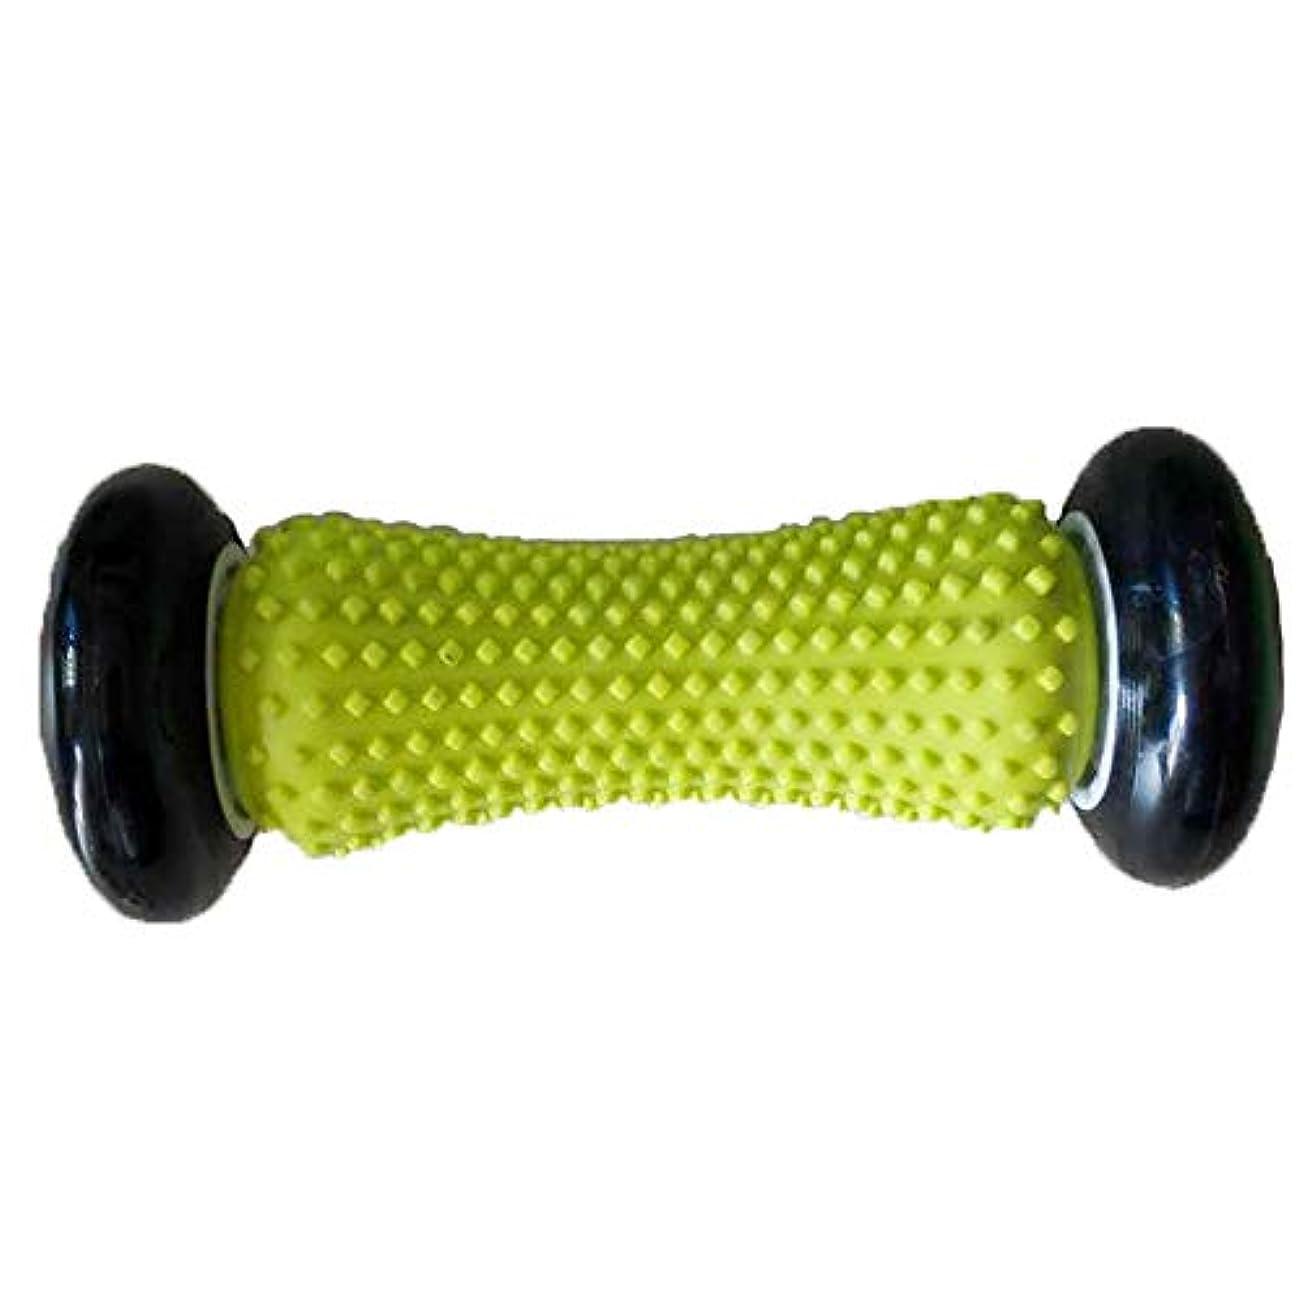 約設定禁止する匿名足のマッサージローラー足の痛み緩和マッサージ、またはリリーフ足の筋膜炎、リラックスフットバックレッグハンドタイトマッスル,Black